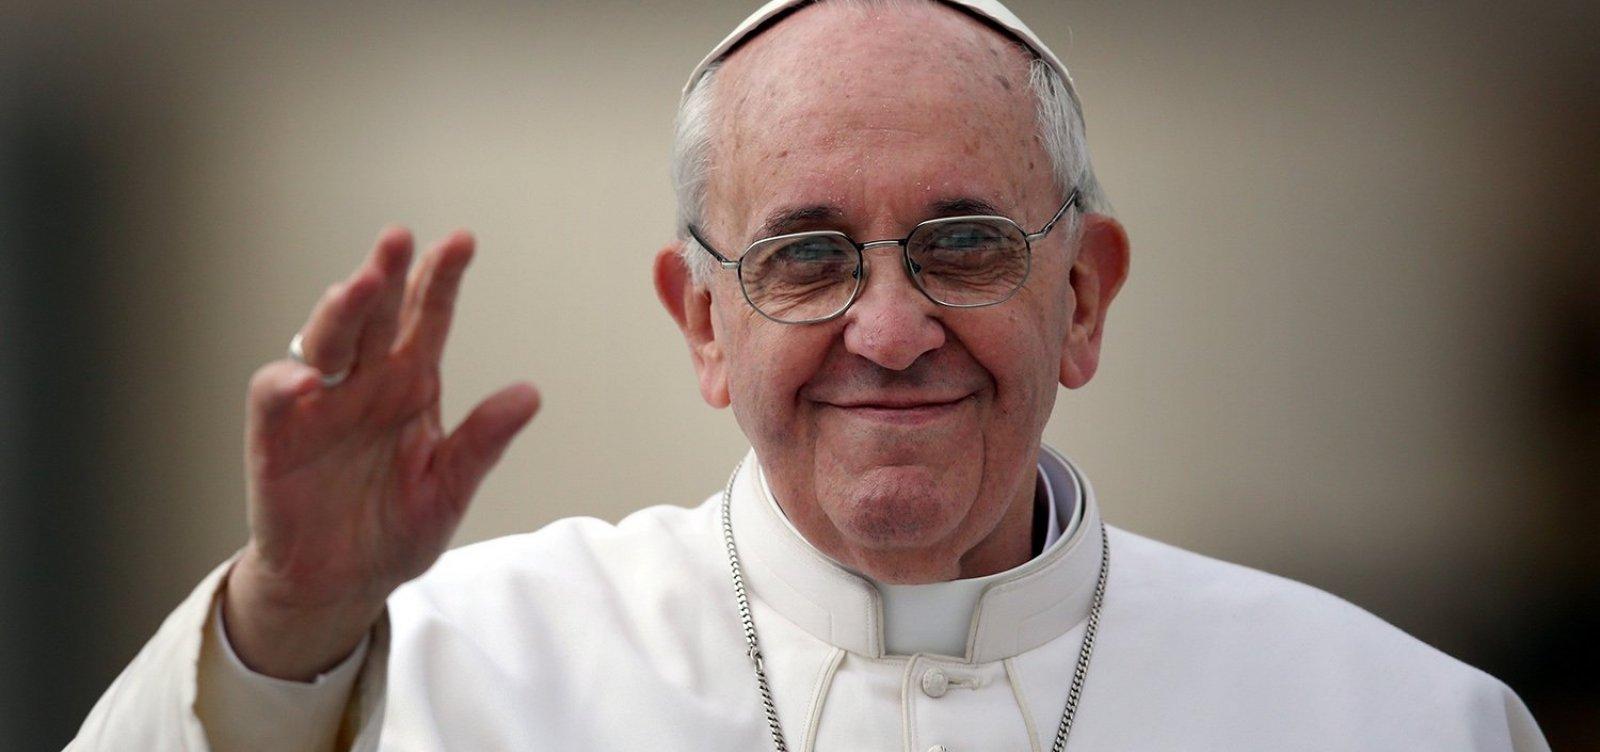 Papa Francisco compara o aborto ao uso de 'matador de aluguel'